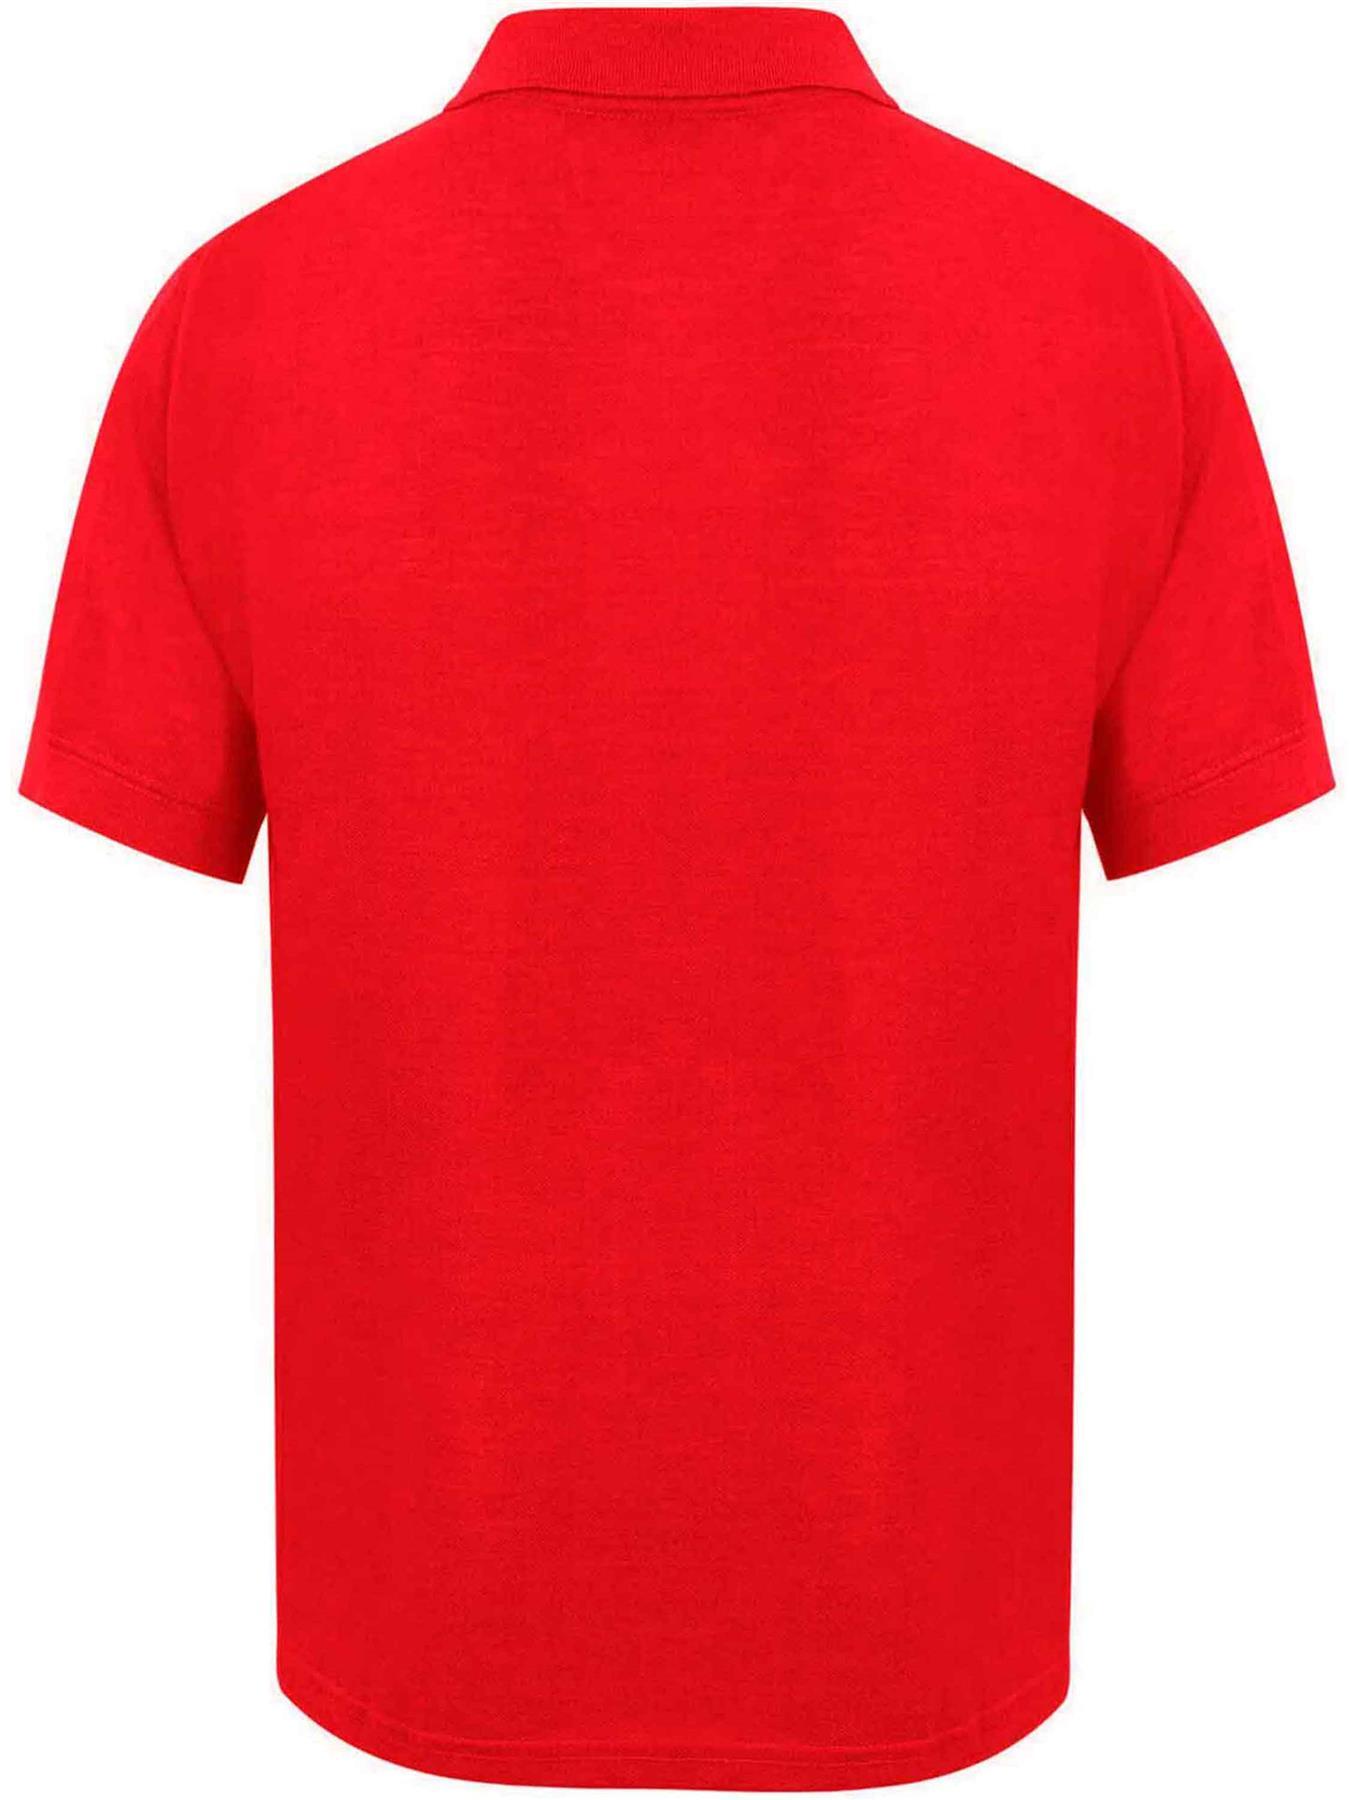 Indexbild 45 - Herren Polohemd Freizeit T-Shirts Neu Schlicht Kurzärmeliges Regular Fit